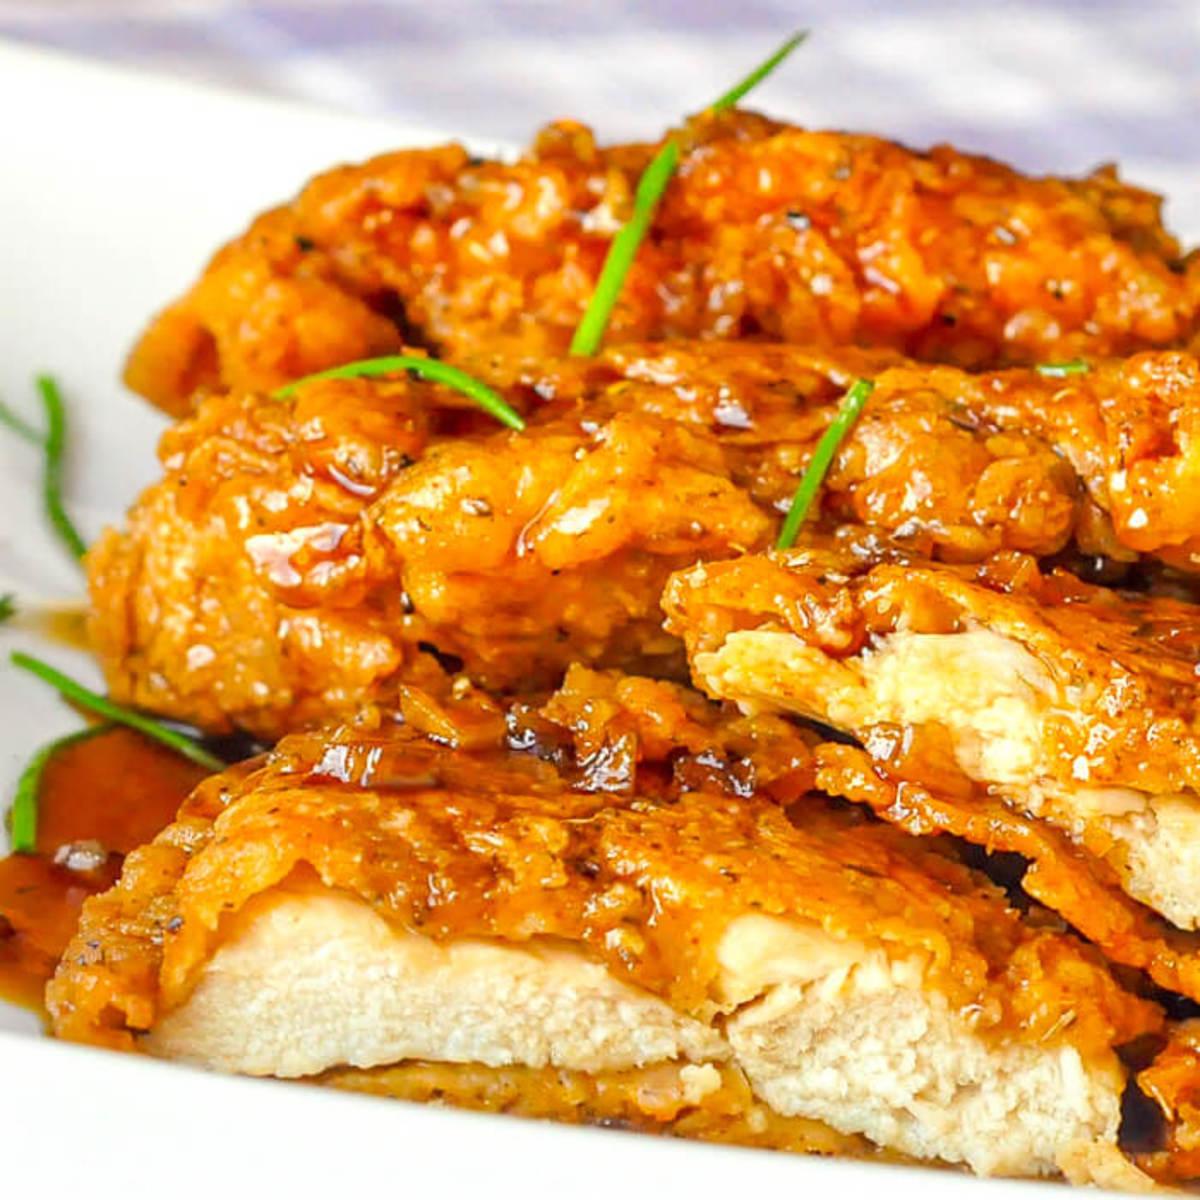 Double-Crunch Honey Garlic Chicken Breasts